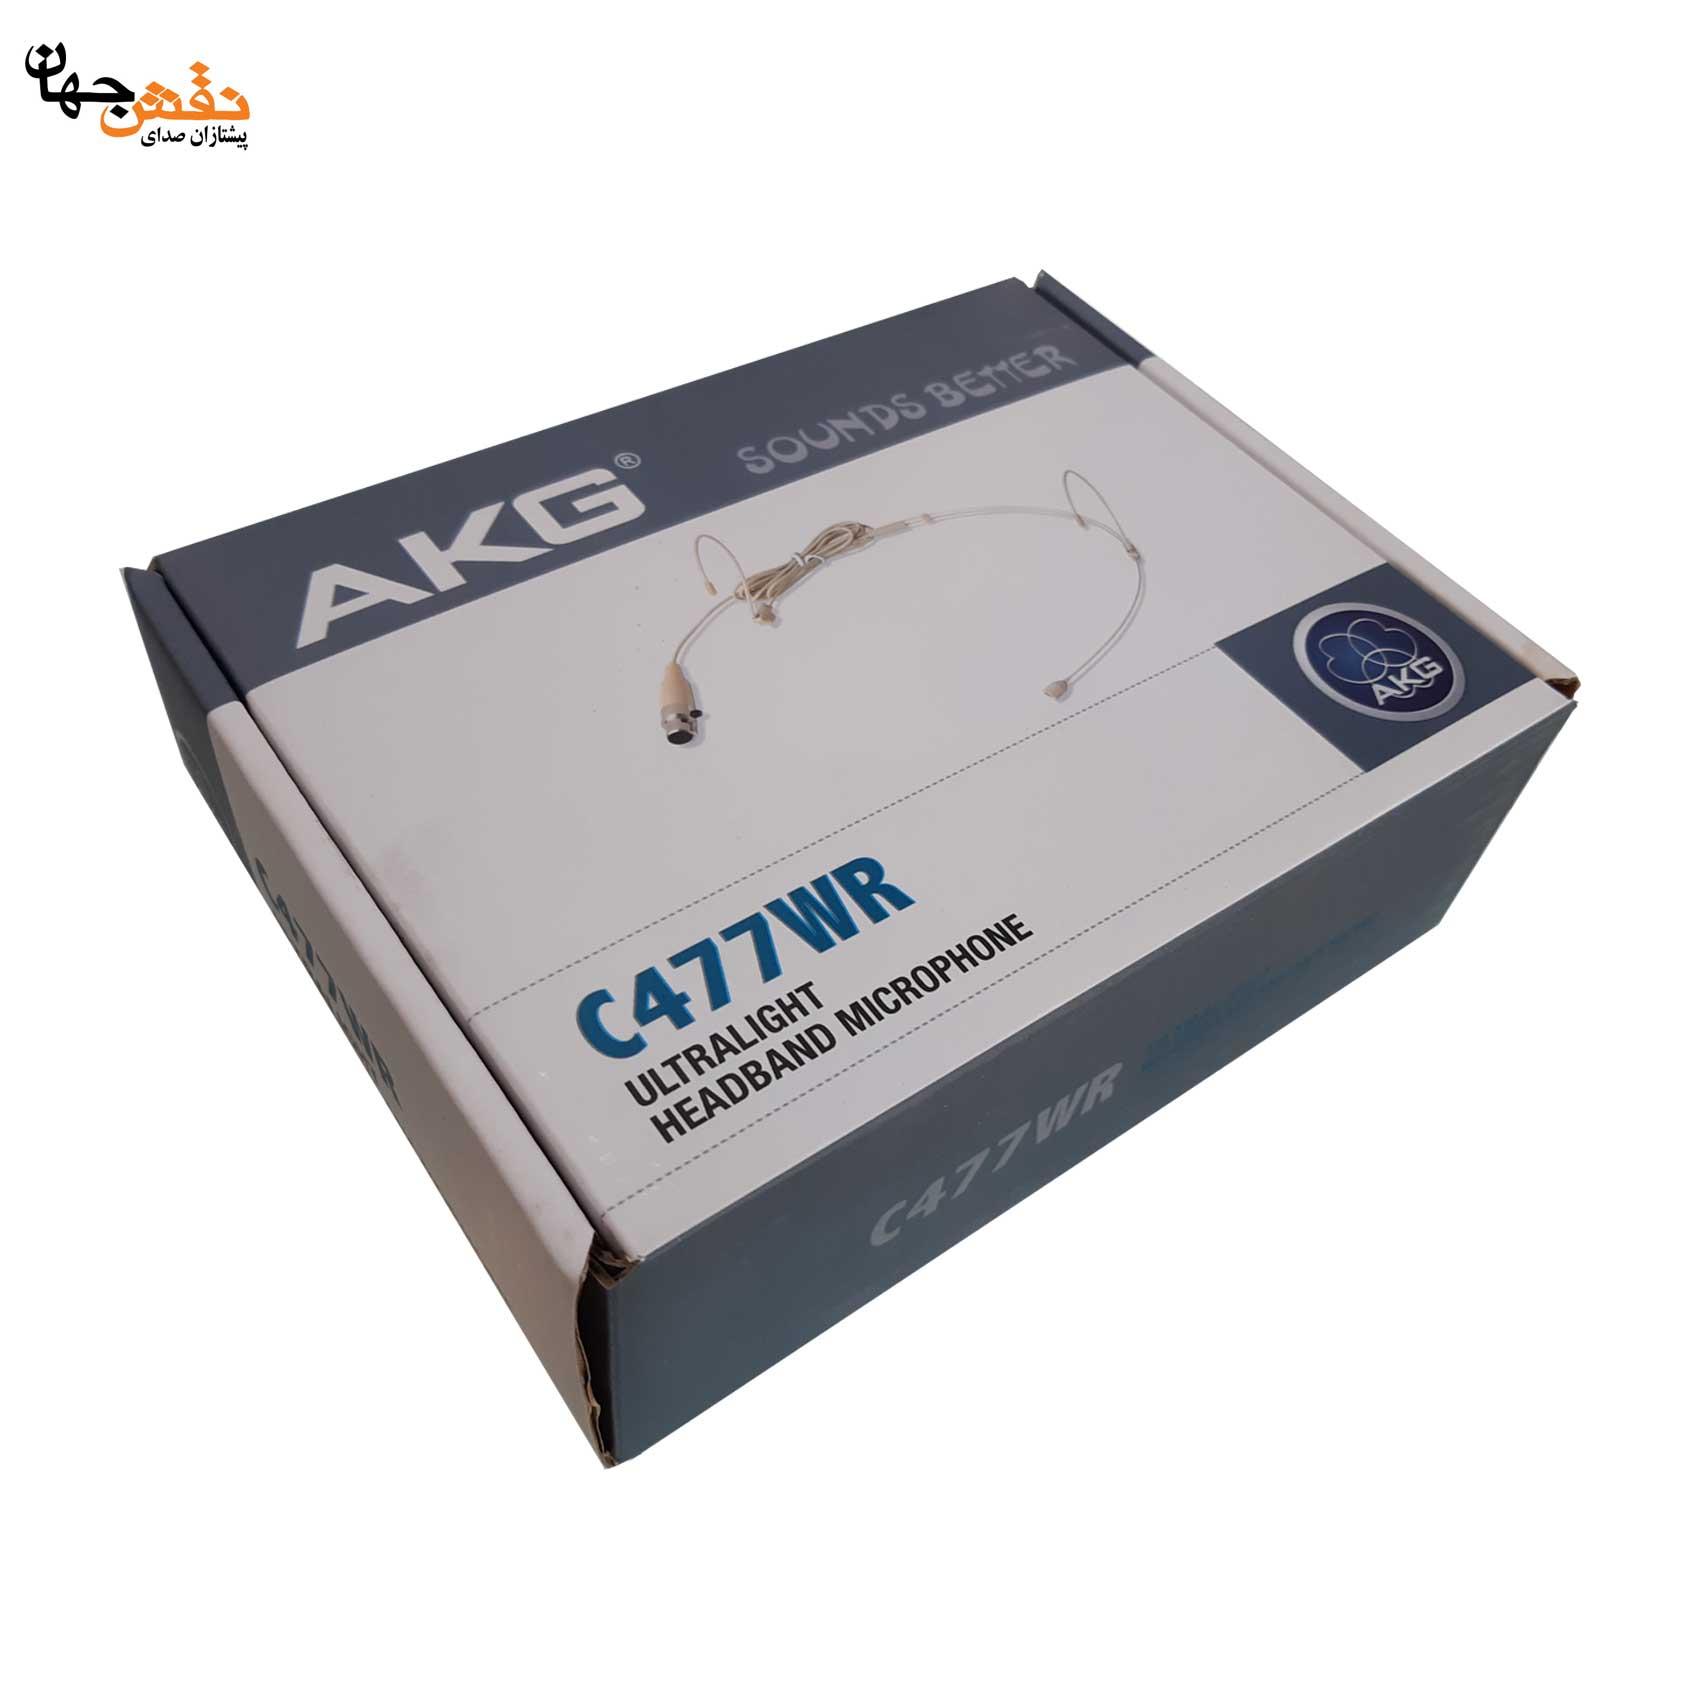 میکروفن هدمیک AKG مدل C477WR